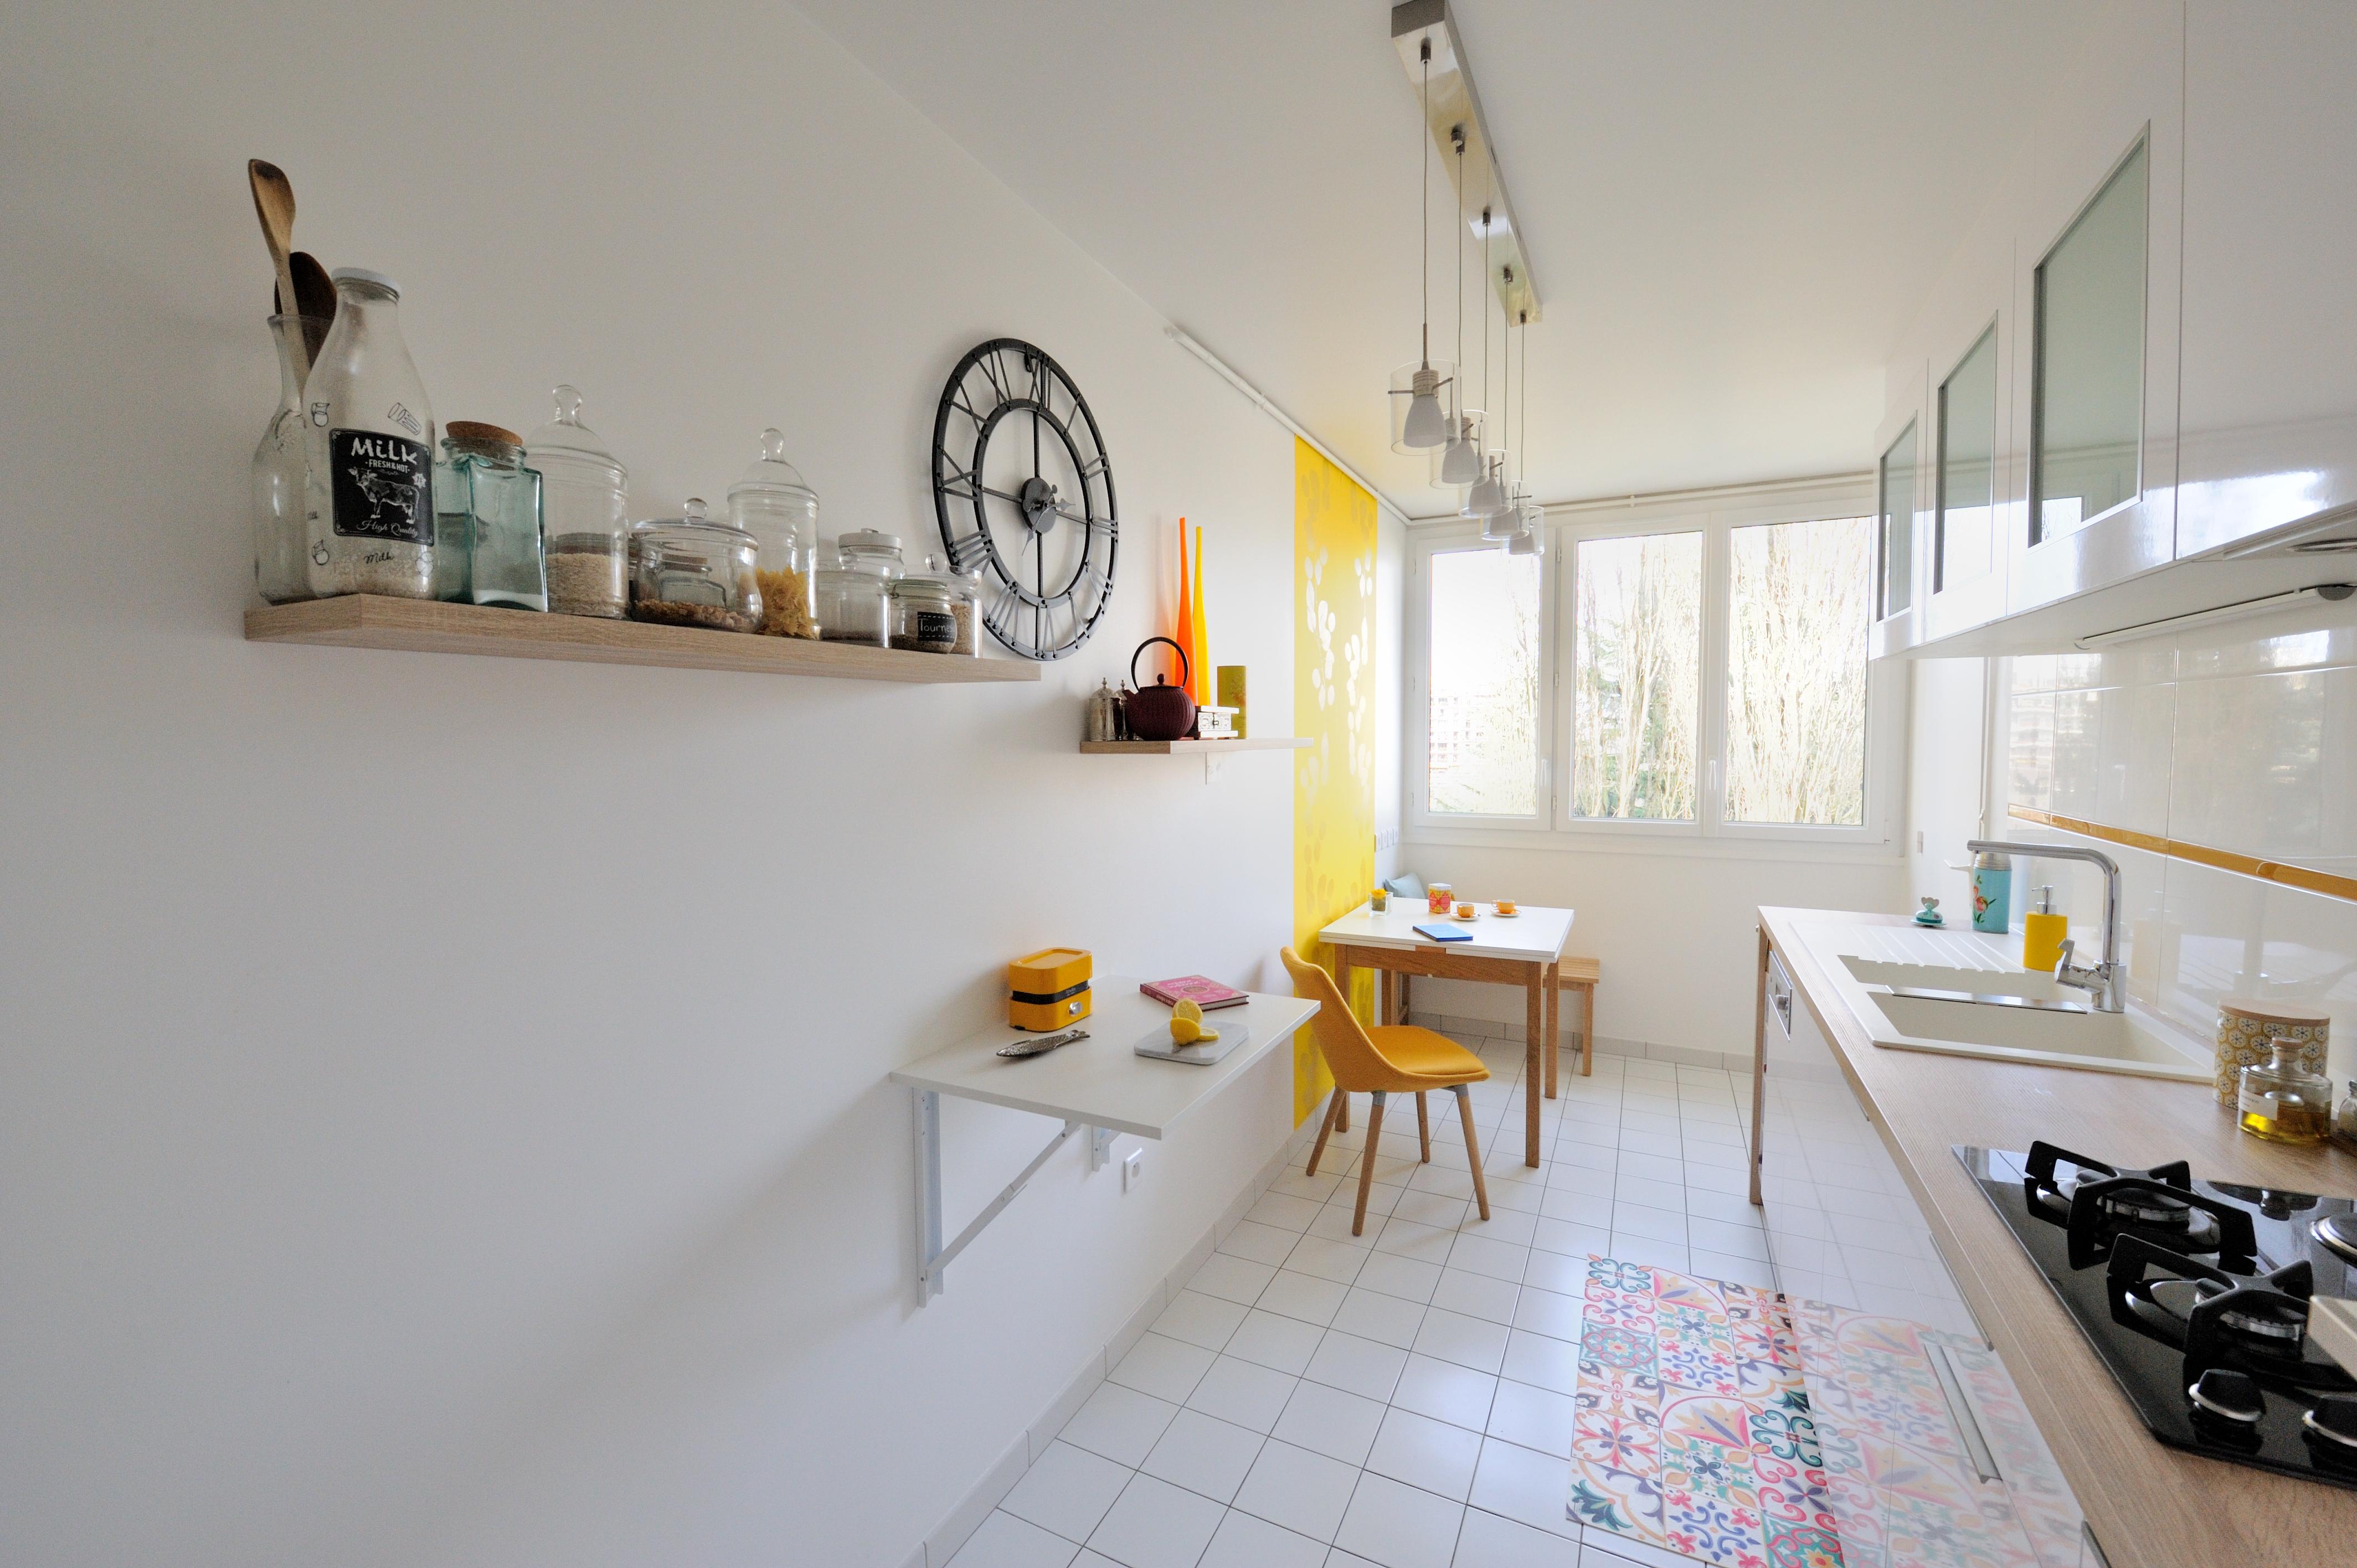 Cuisine contemporaine - Isabelle Delage, architecture et ...